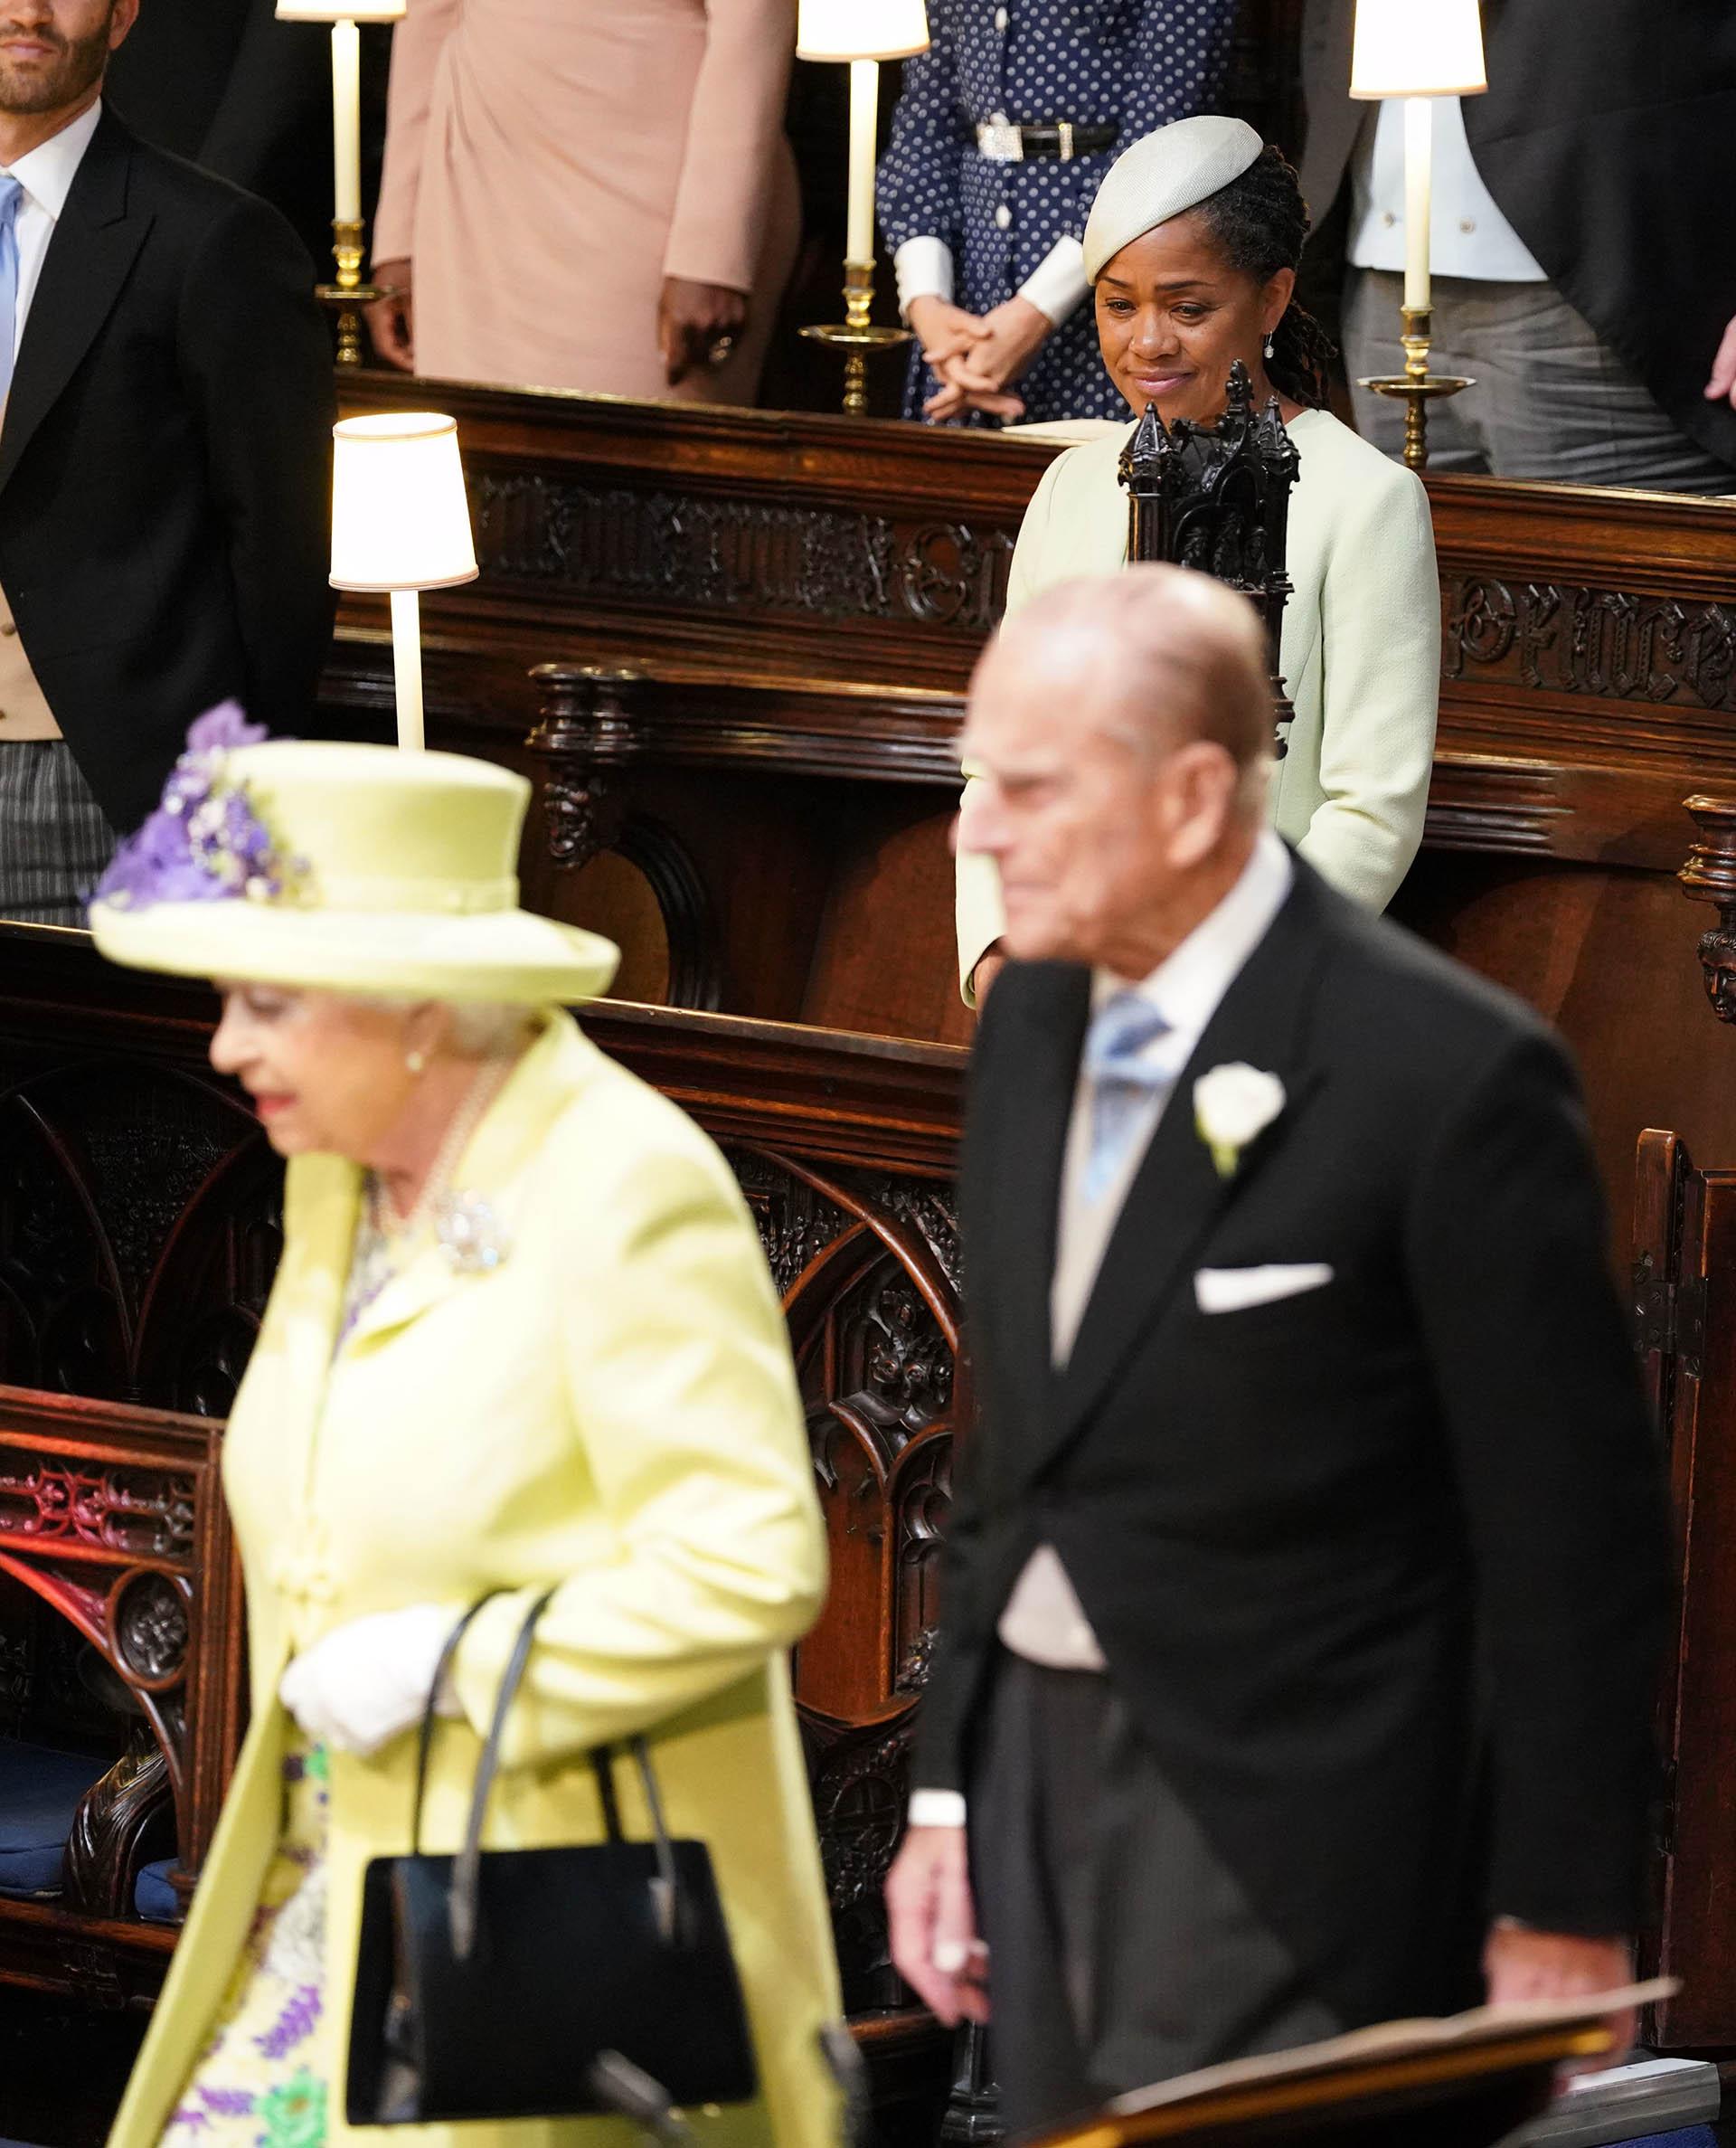 La entrada de la Reina Isabel II y Felipe de Edimburgo a la capilla de St. George. Detrás, emocionada, la madre de Meghan Markle (AFP)